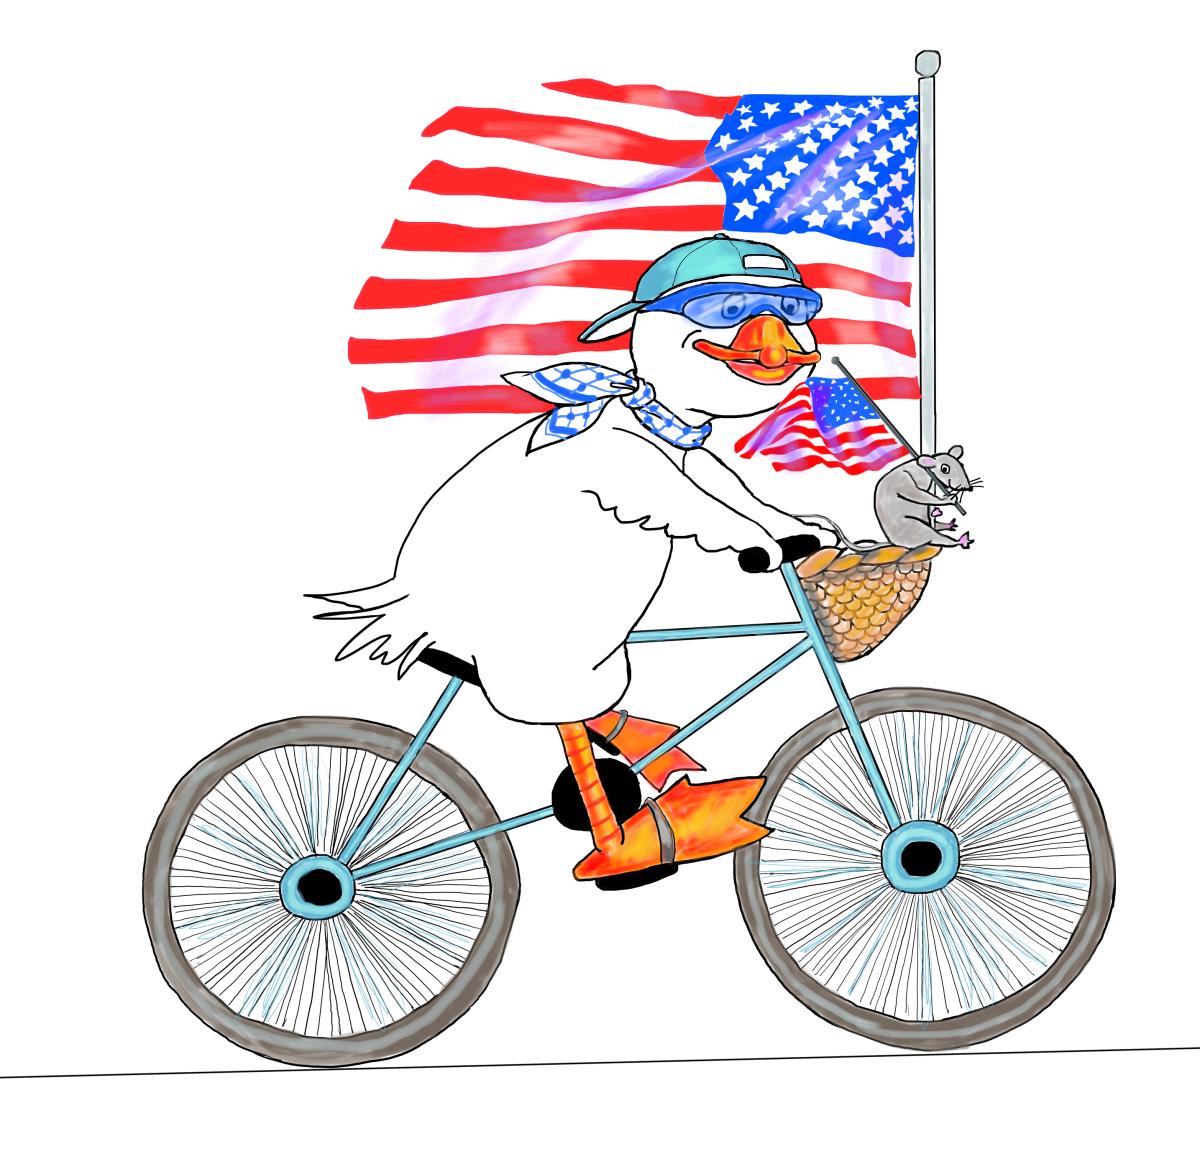 Flag Day, Illustration by Elizabeth B Martin